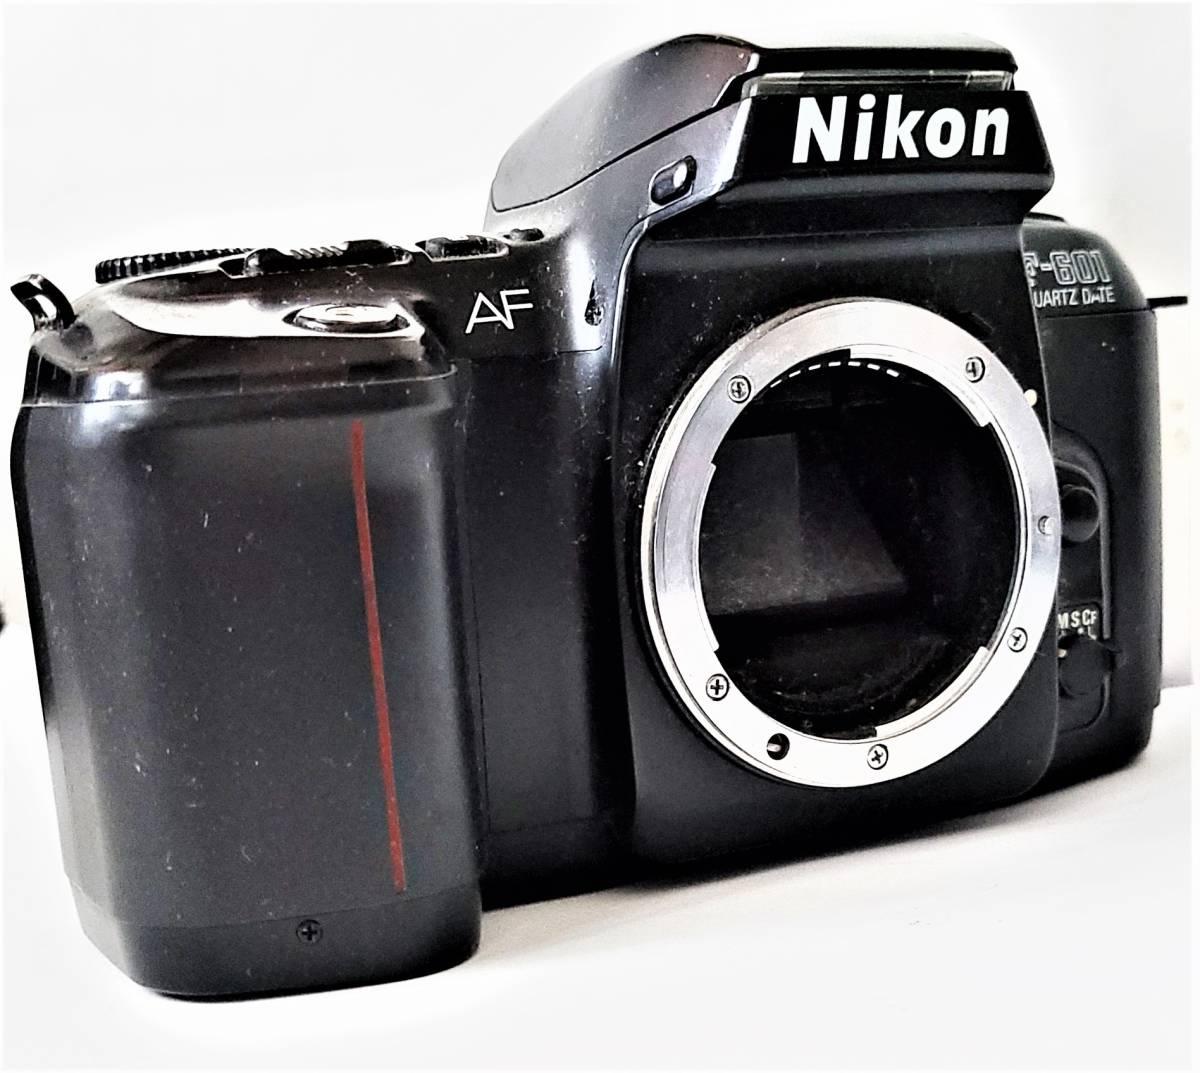 Nikon ニコン F-601 Quartz Date フィルムカメラ + Tamron タムロン 55-200mm f/4-5.6 レンズ 動作します_画像4